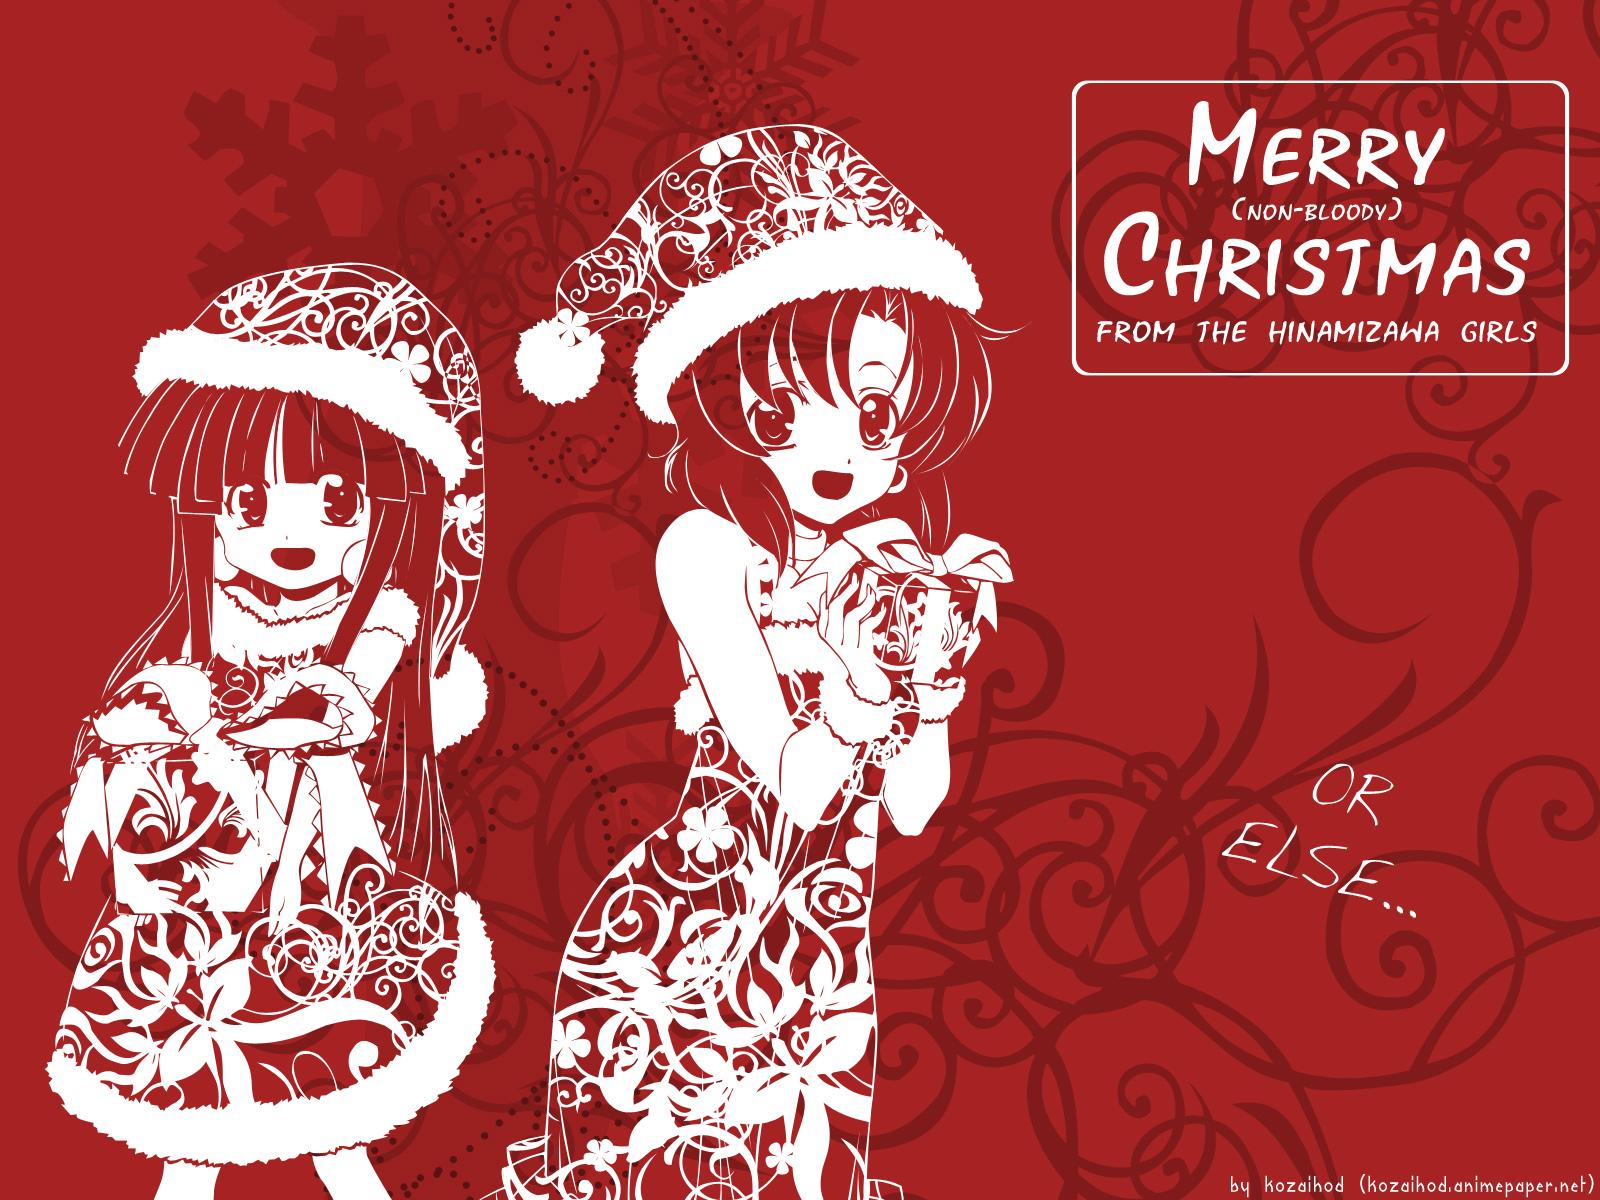 2girls christmas furude_rika hat higurashi_no_naku_koro_ni red ryuuguu_rena